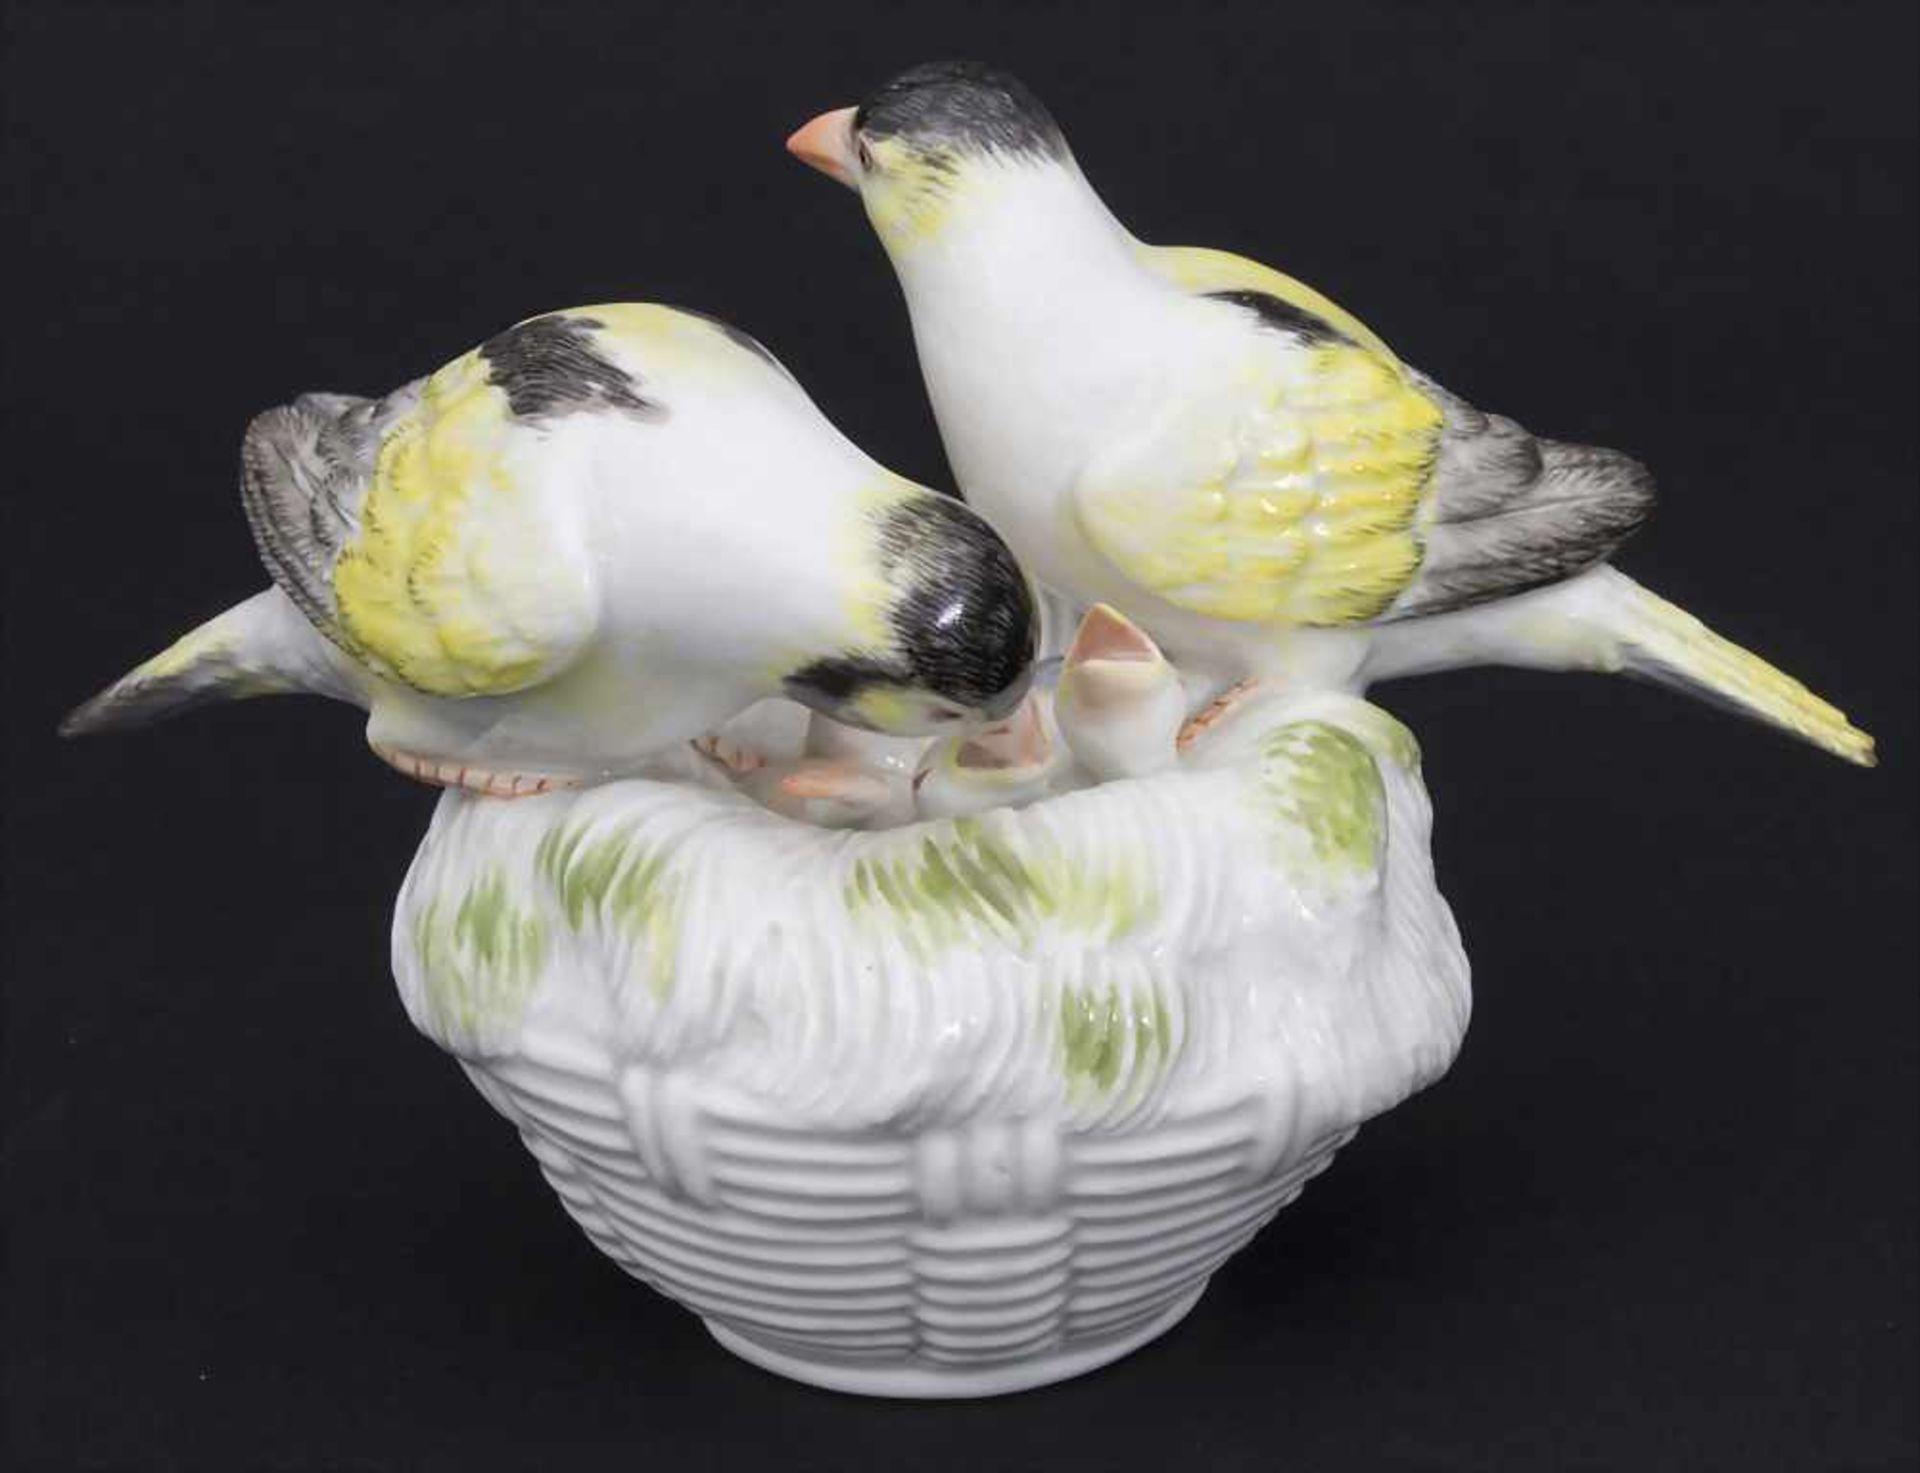 Kanarien-Vogelpaar mit Jungvögeln / A pair of canary birds with young birds, Meissen, Mitte 20. Jh. - Bild 2 aus 6